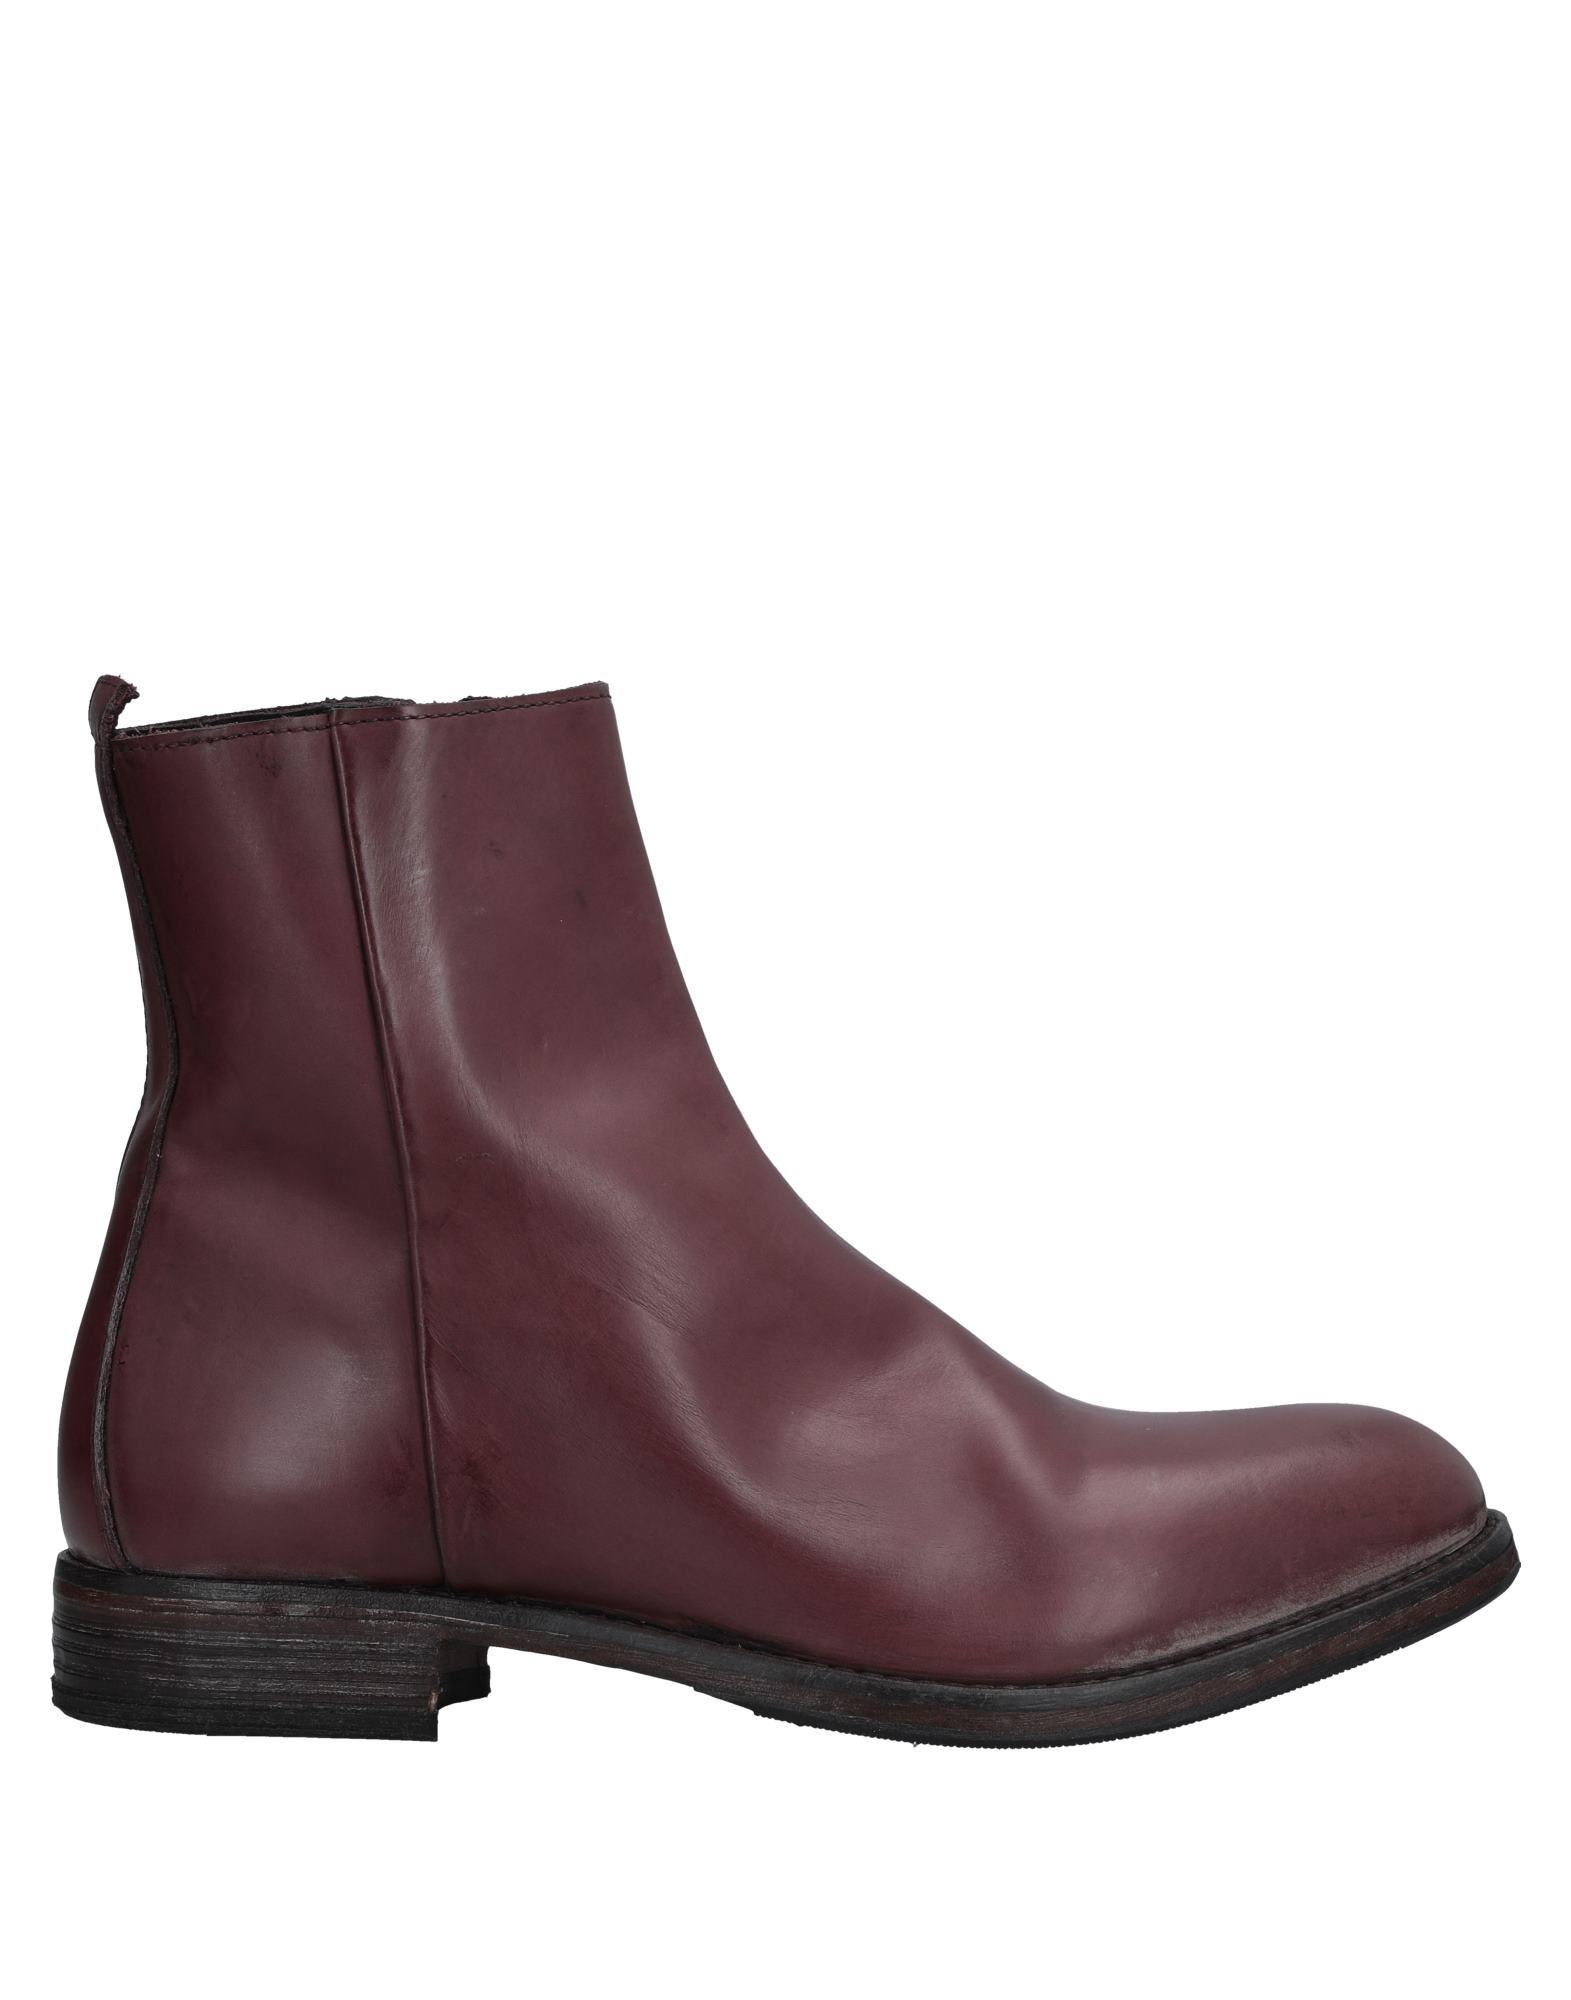 Moma Stiefelette Herren  11518723UN Gute Qualität beliebte Schuhe